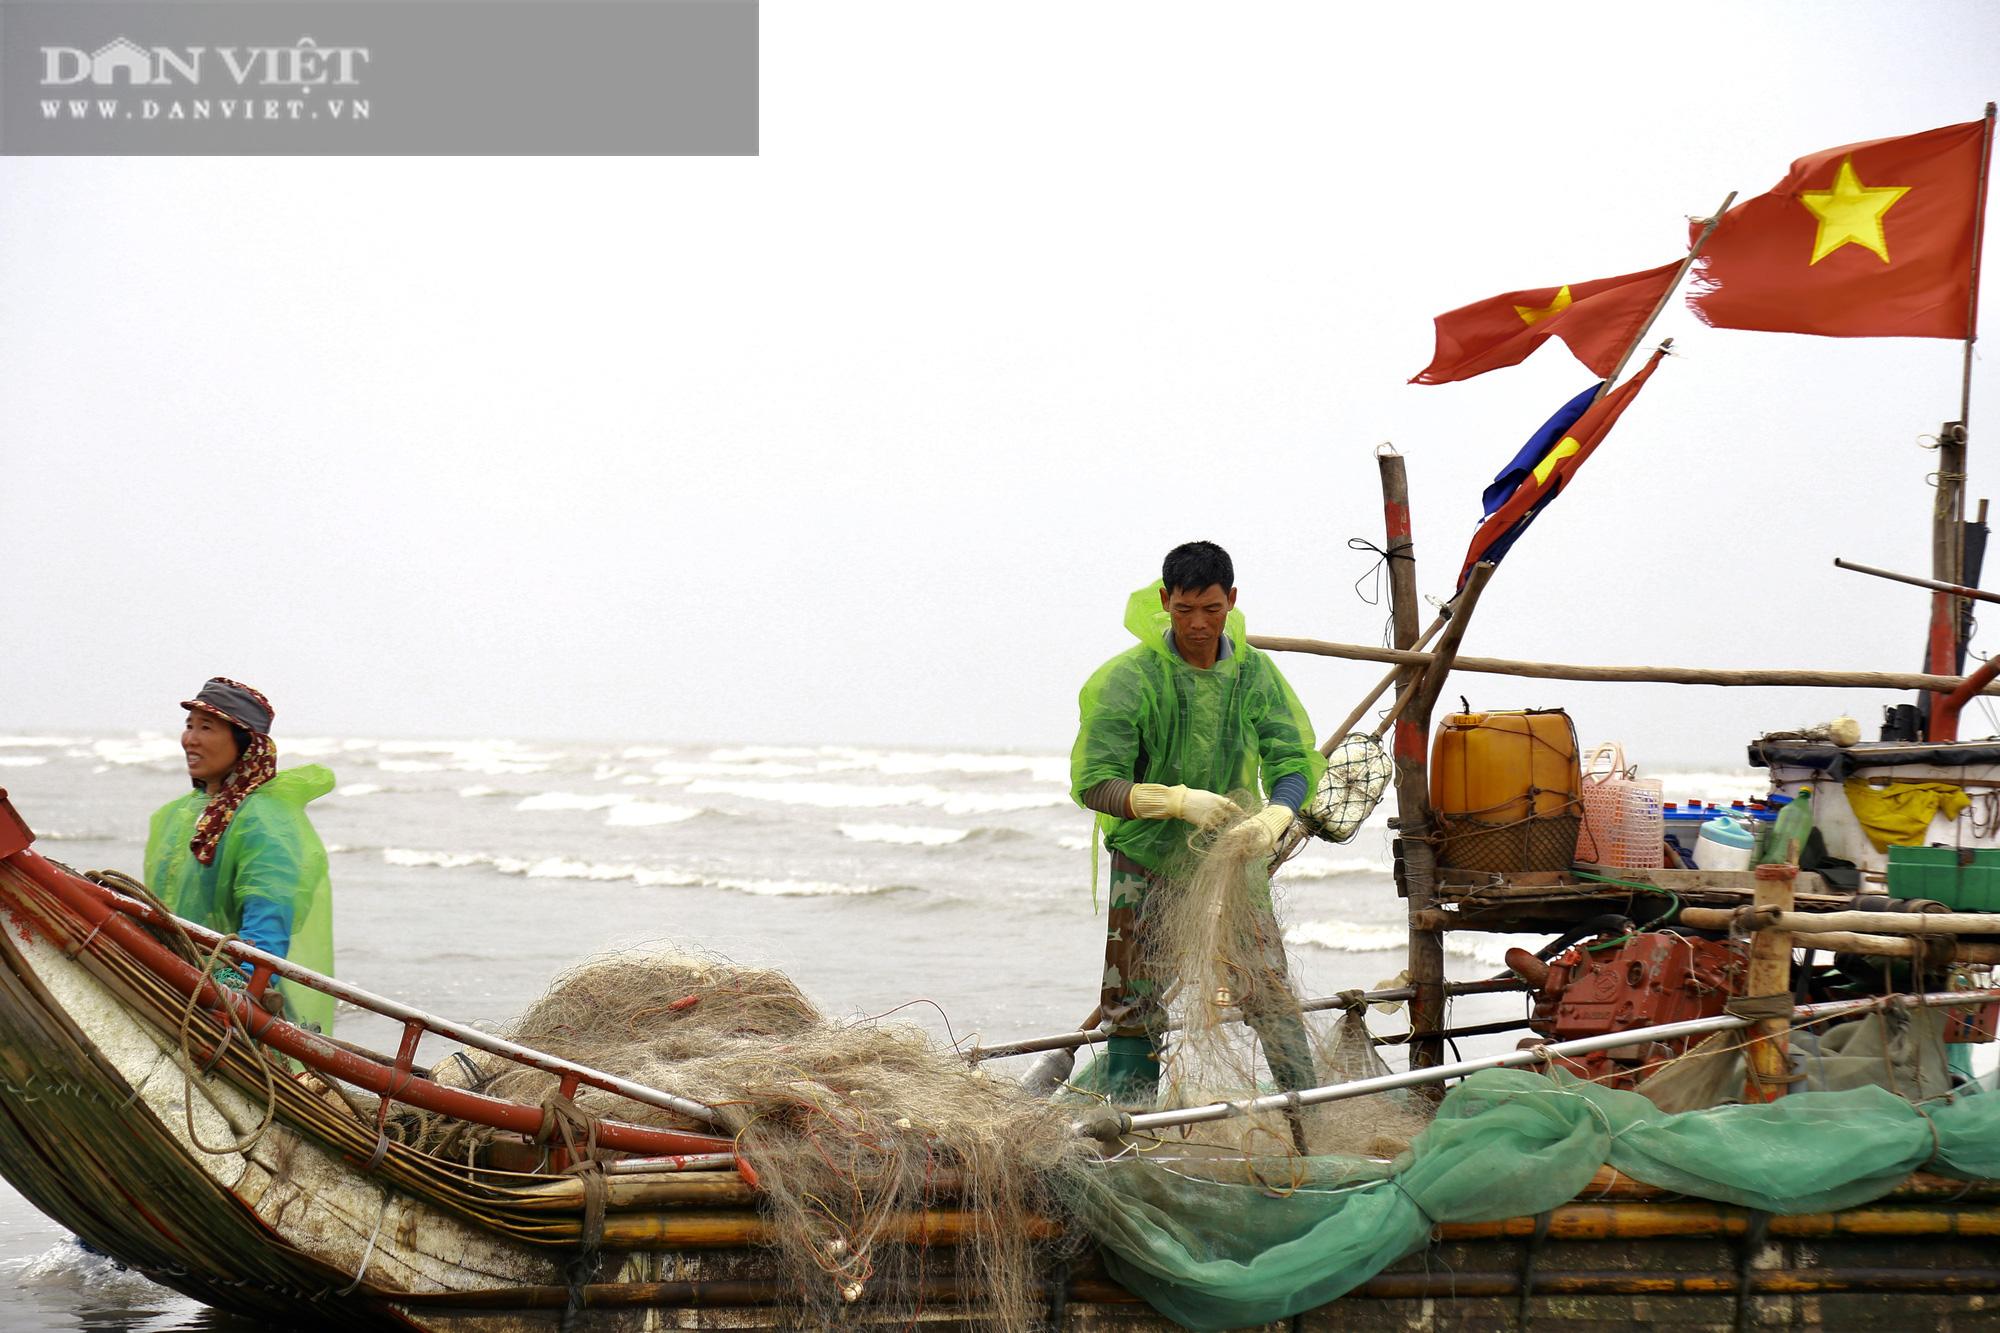 """Trung Quốc tạm ngừng """"ăn"""", ngư dân Nghệ An đành bán rẻ """"lộc biển"""" cho thương lái - Ảnh 2."""